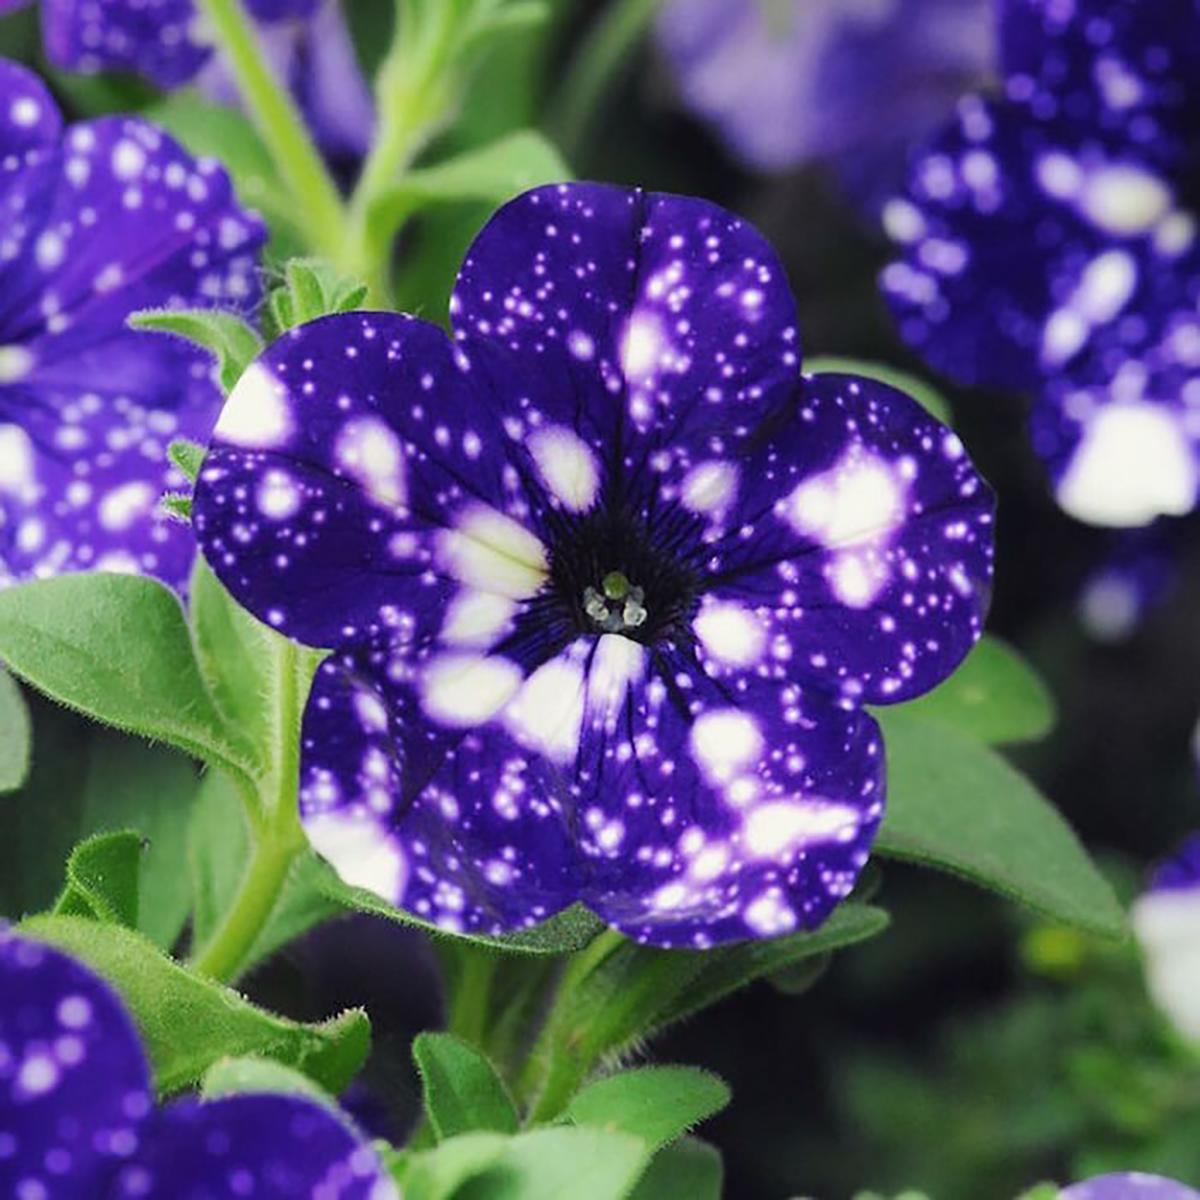 Galaxy, Flower